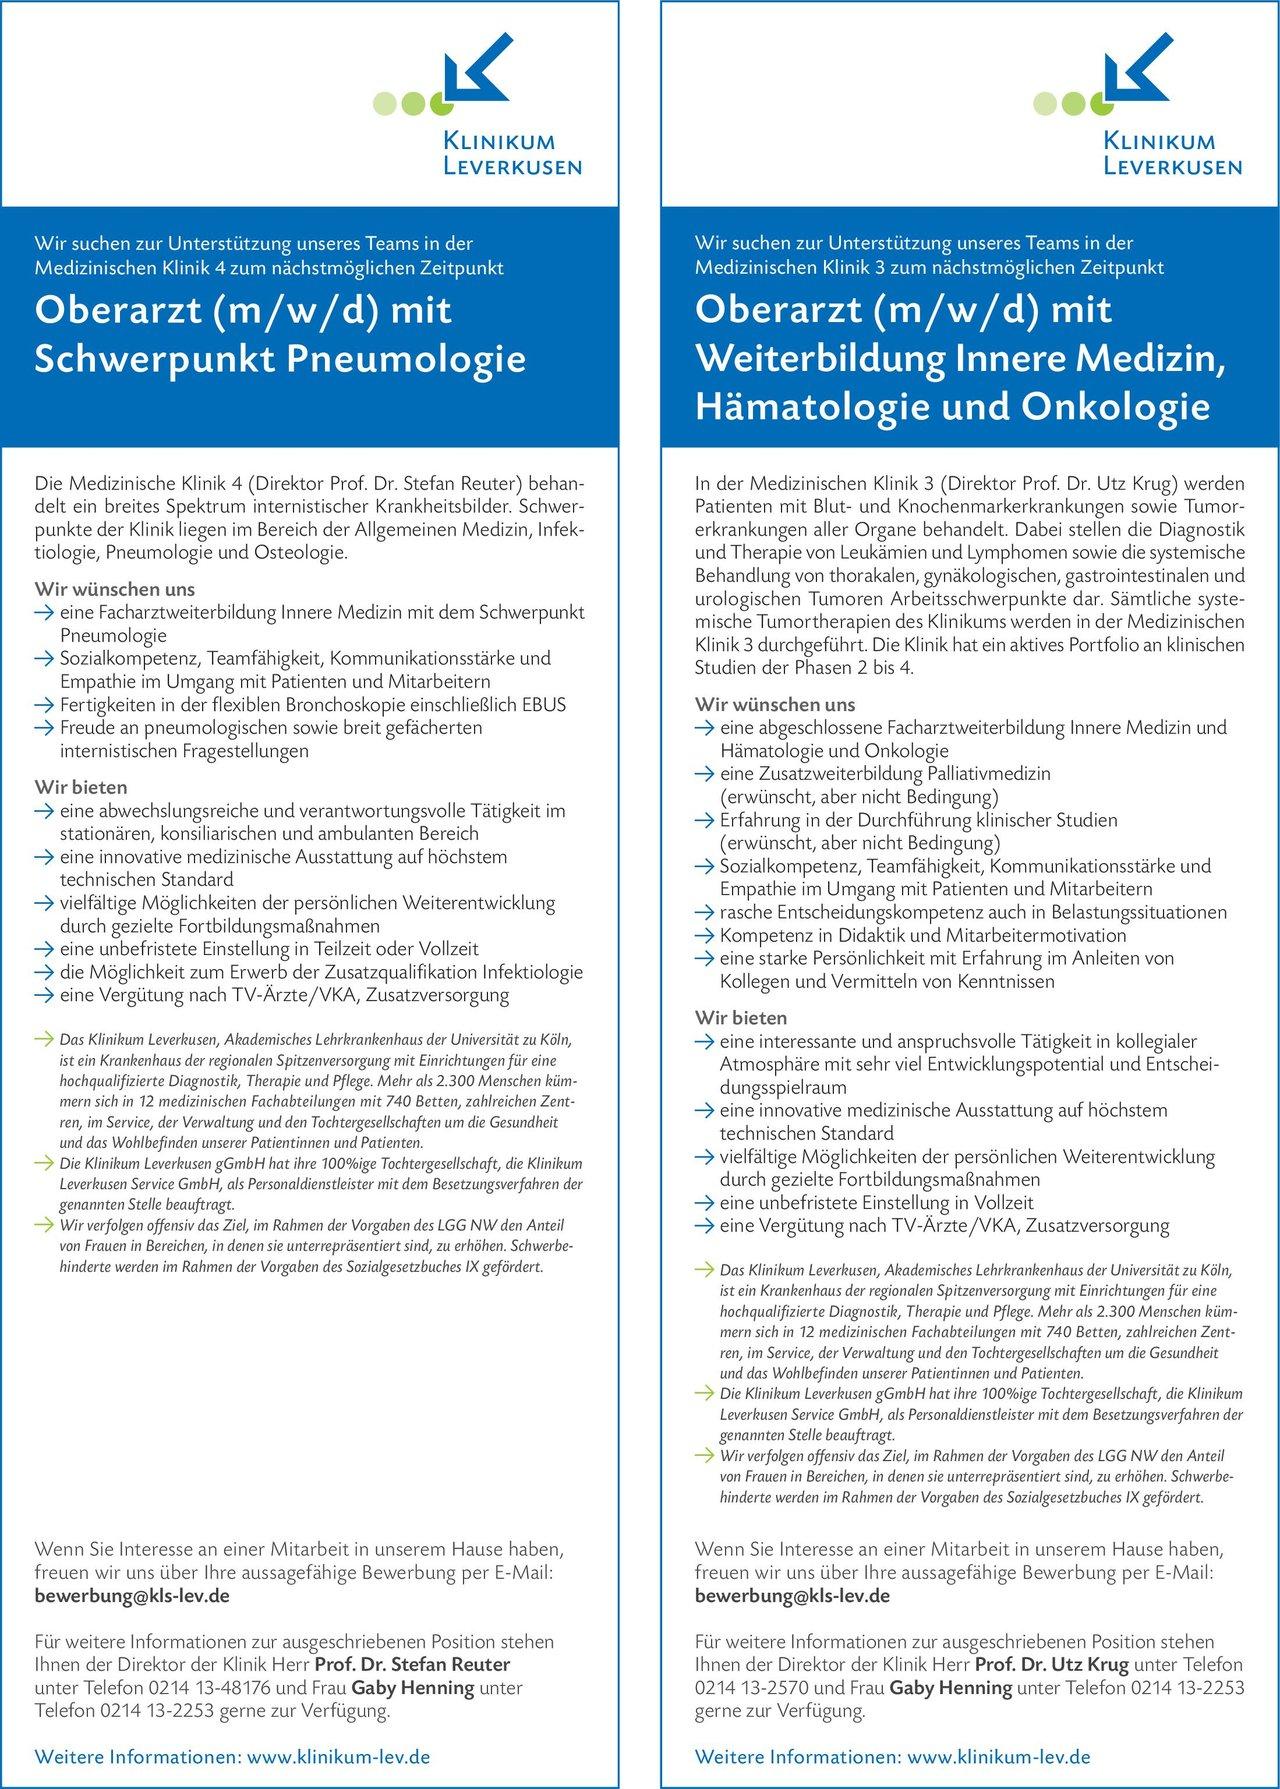 Klinikum Leverkusen Oberarzt (m/w/d) mit Schwerpunkt Pneumologie  Innere Medizin und Pneumologie, Innere Medizin Oberarzt